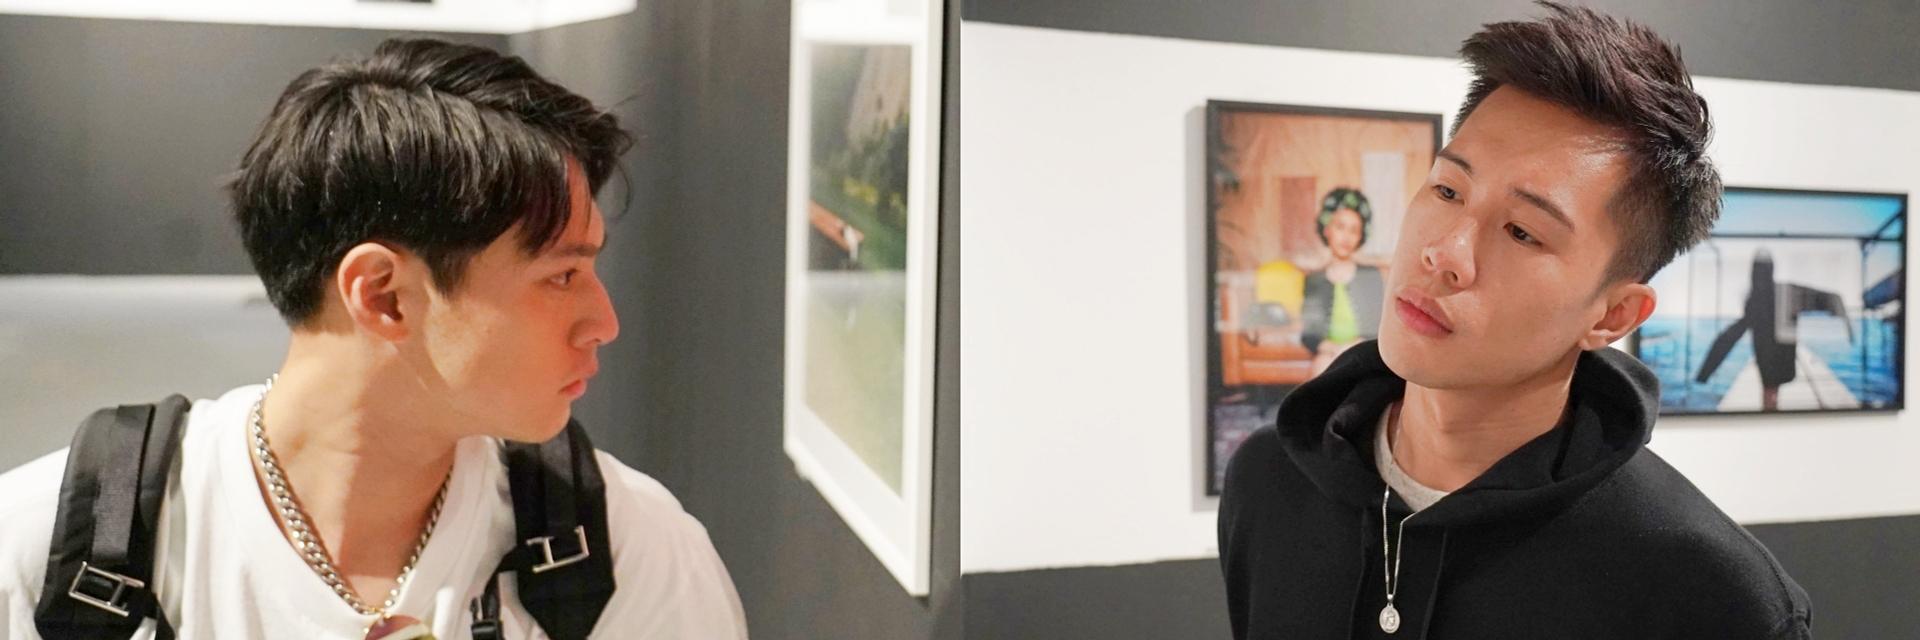 這件潮人的必備單品!《Snap Cardigan 誕生 40 周年攝影展》現場直擊,潮人見解:「突兀的迷幻!」